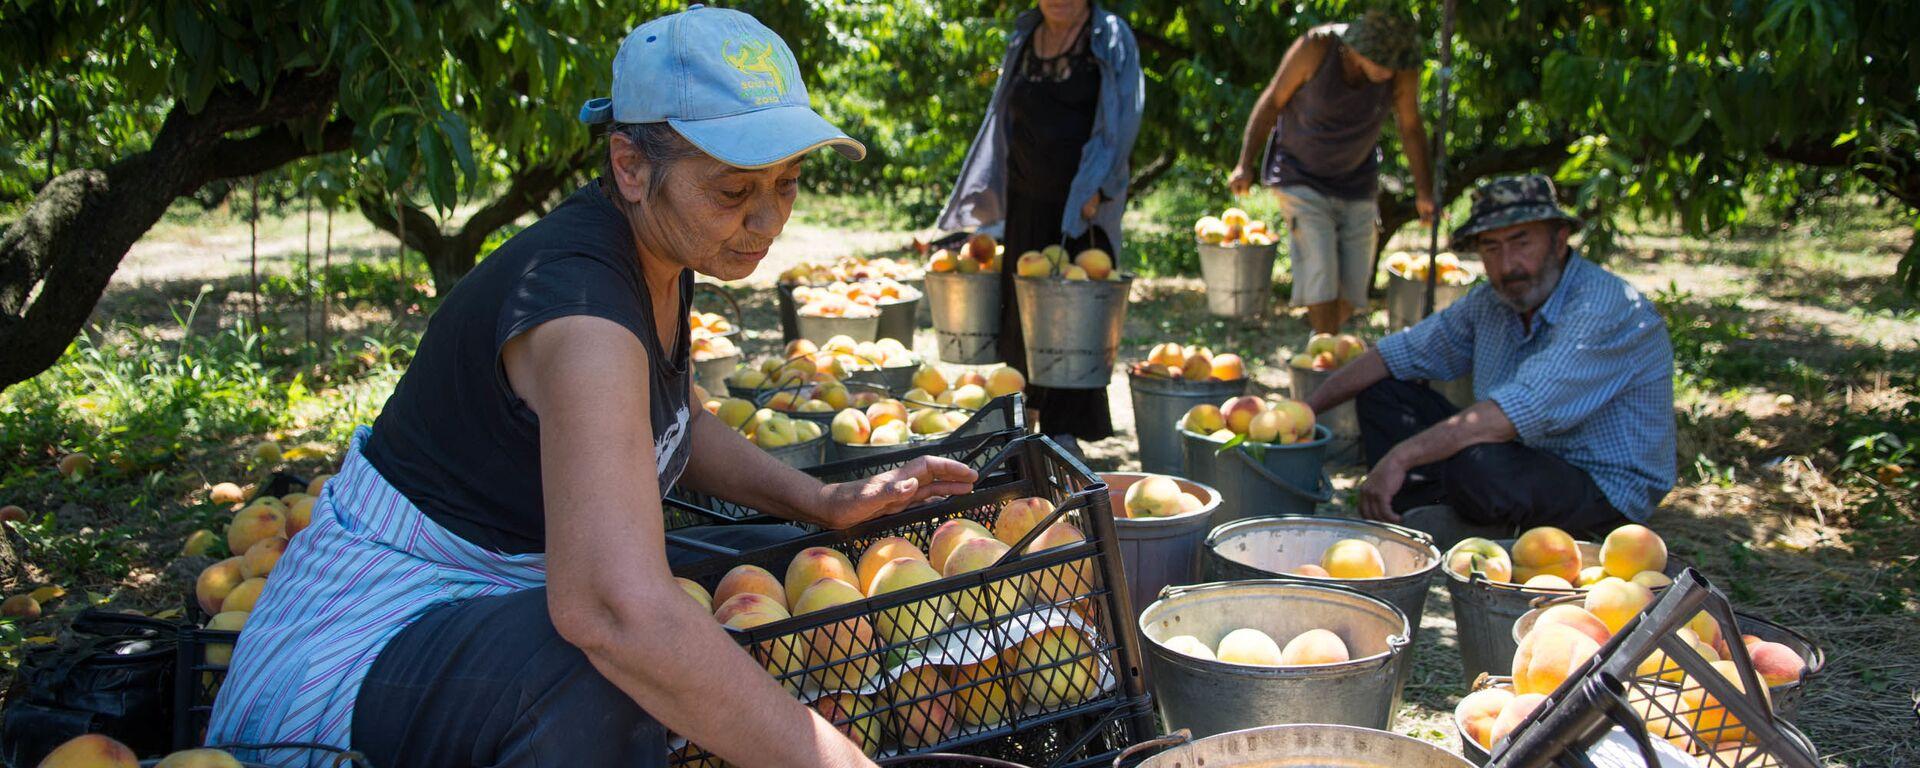 Сбор урожая персиков в Кахети - Sputnik Грузия, 1920, 21.07.2021